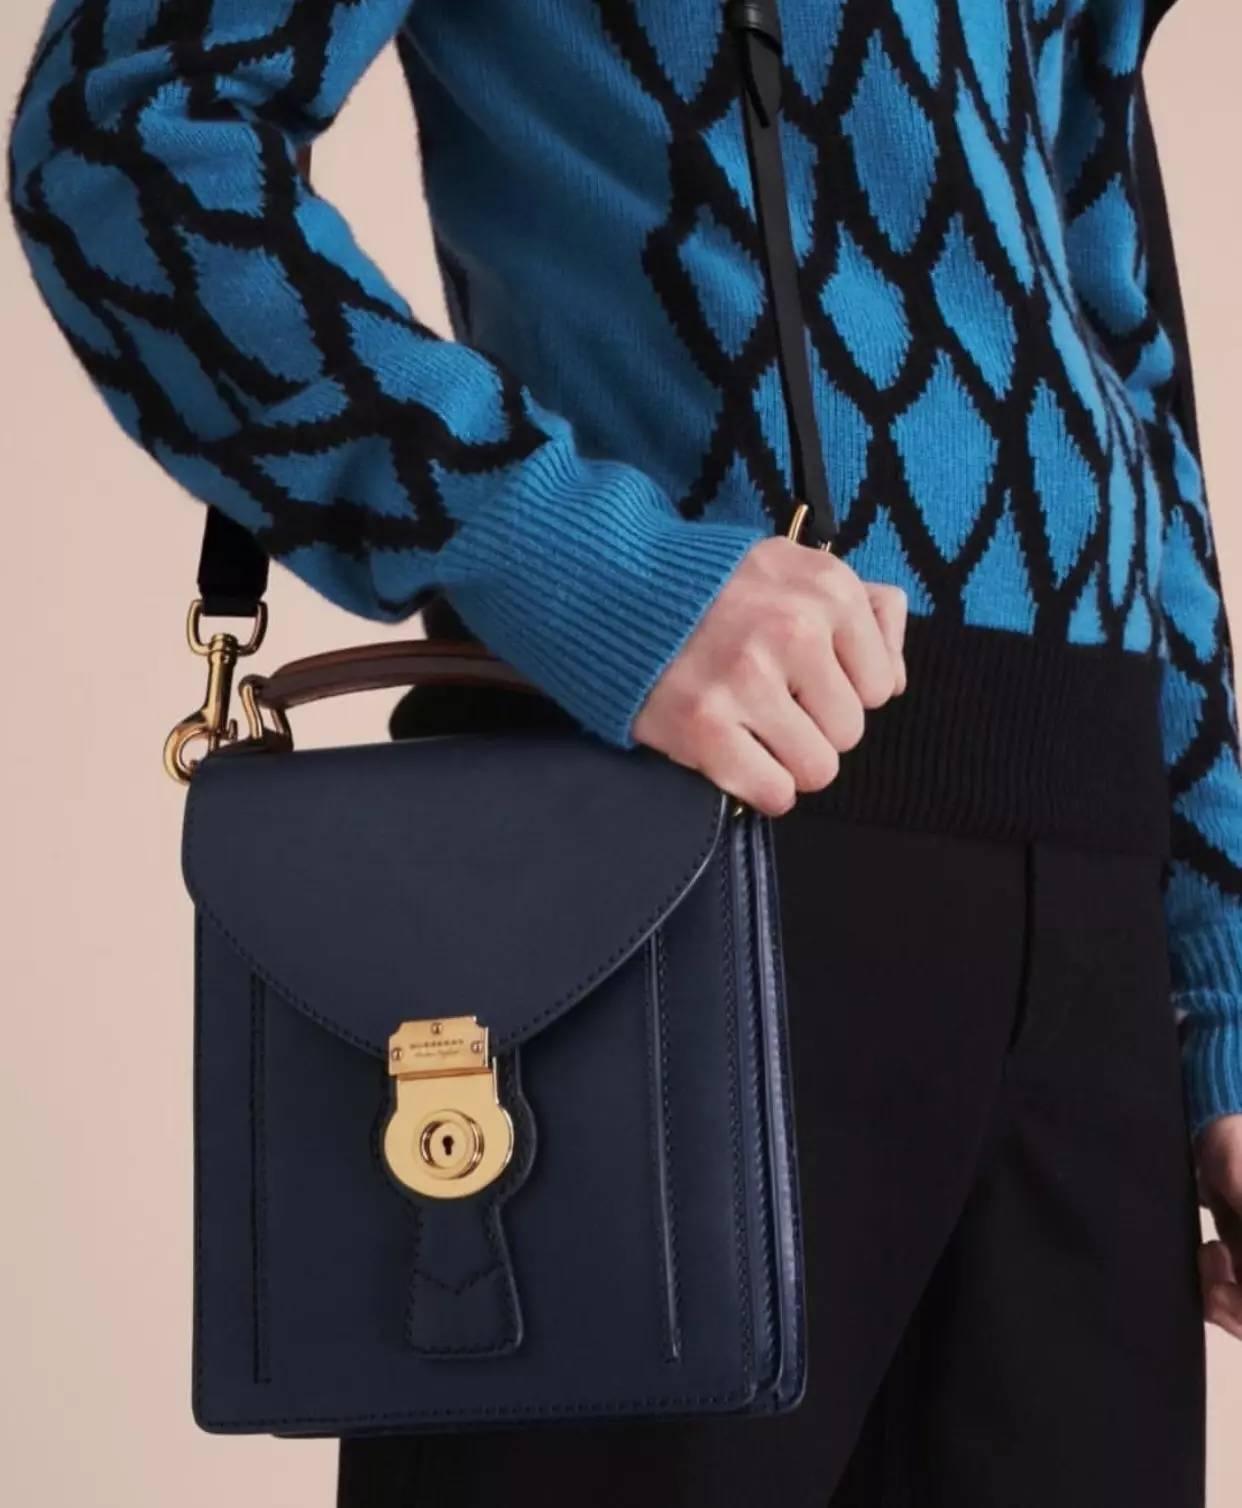 男人背小包真的就很娘吗?男士也很流行背小包 男士时尚 图11